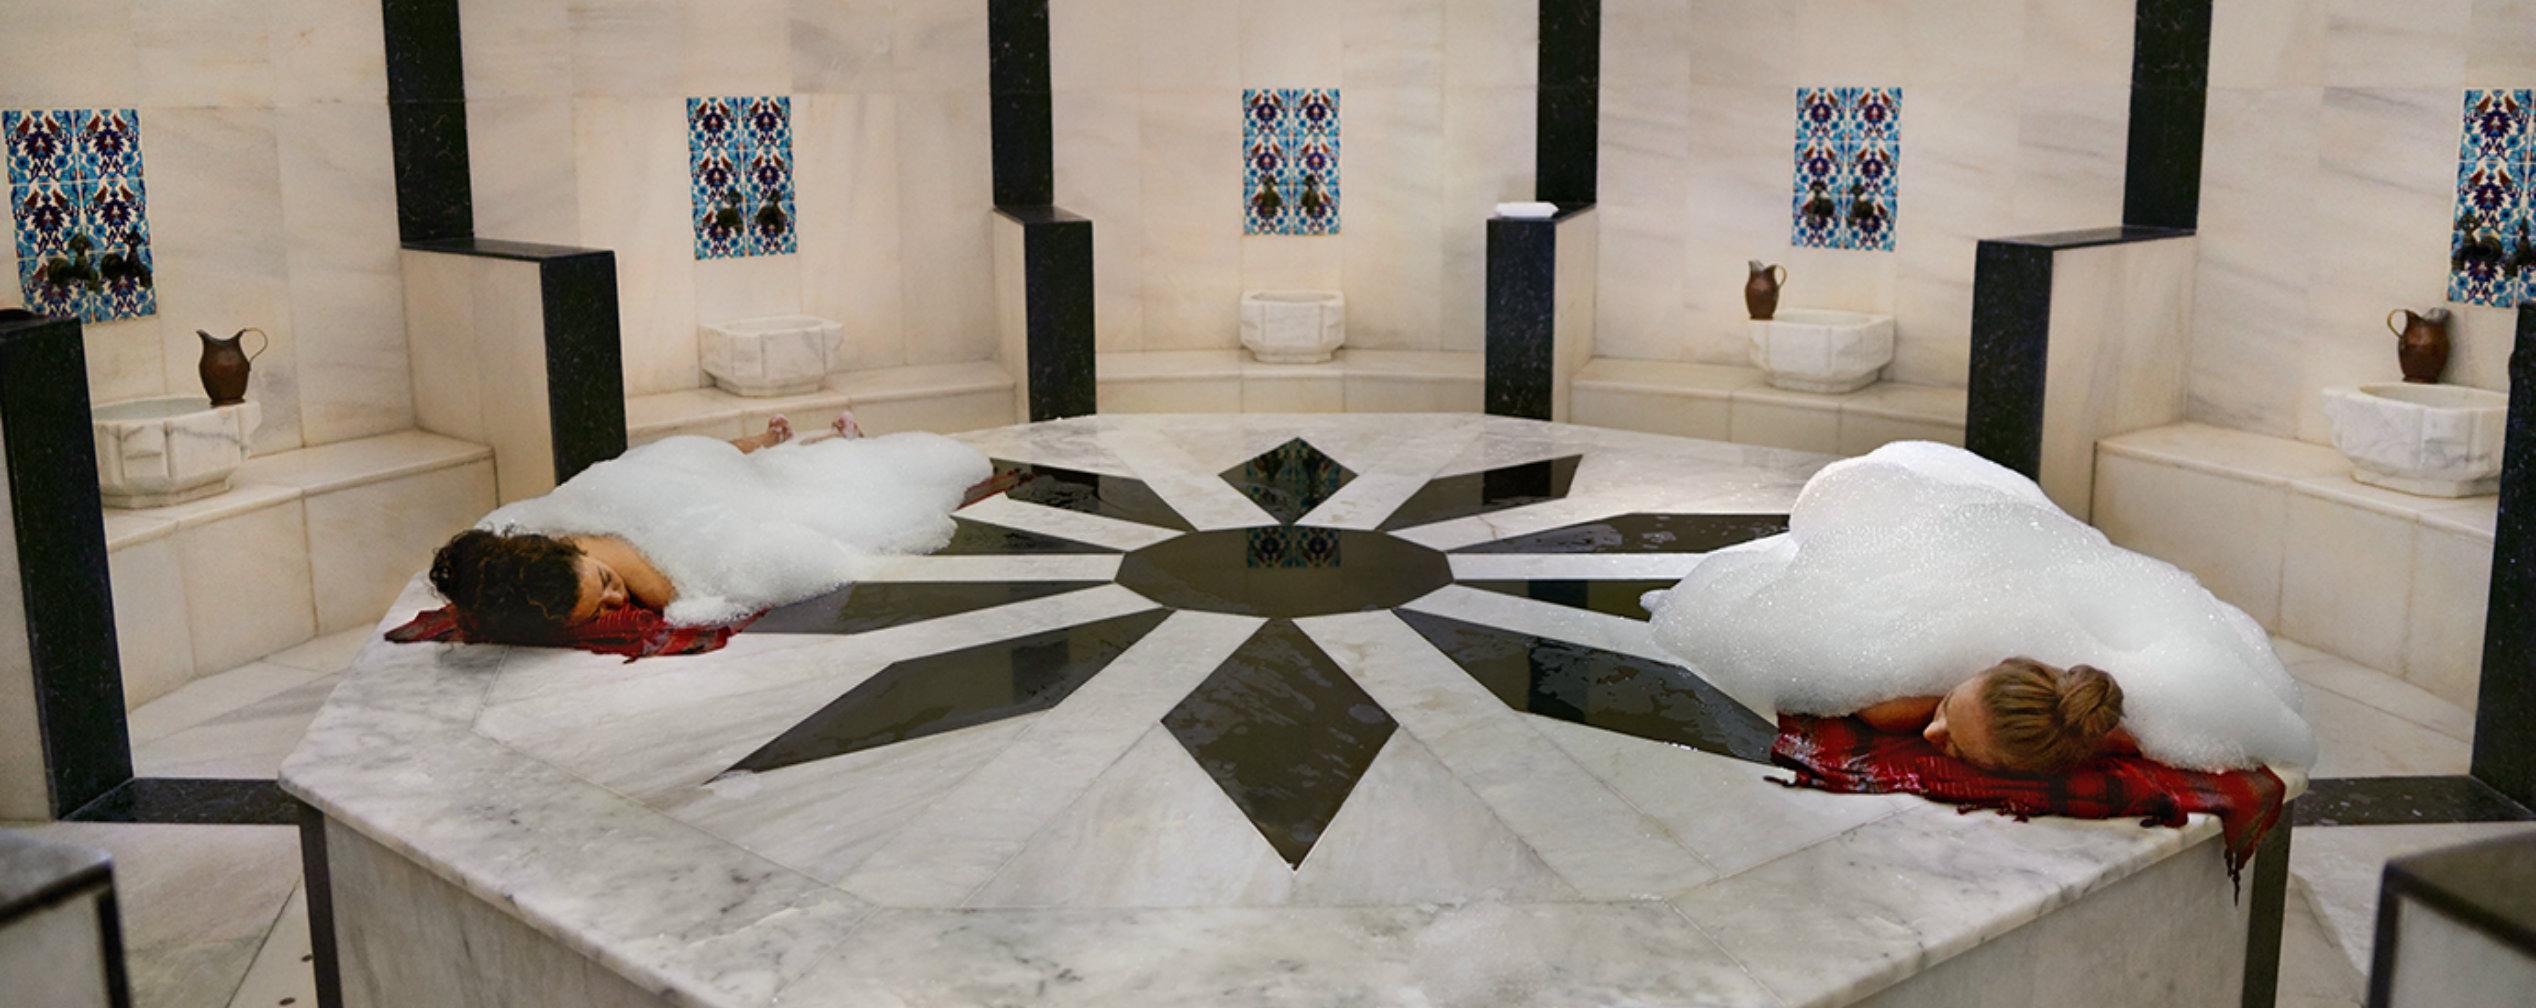 türkische Massage Hamam-Ritual